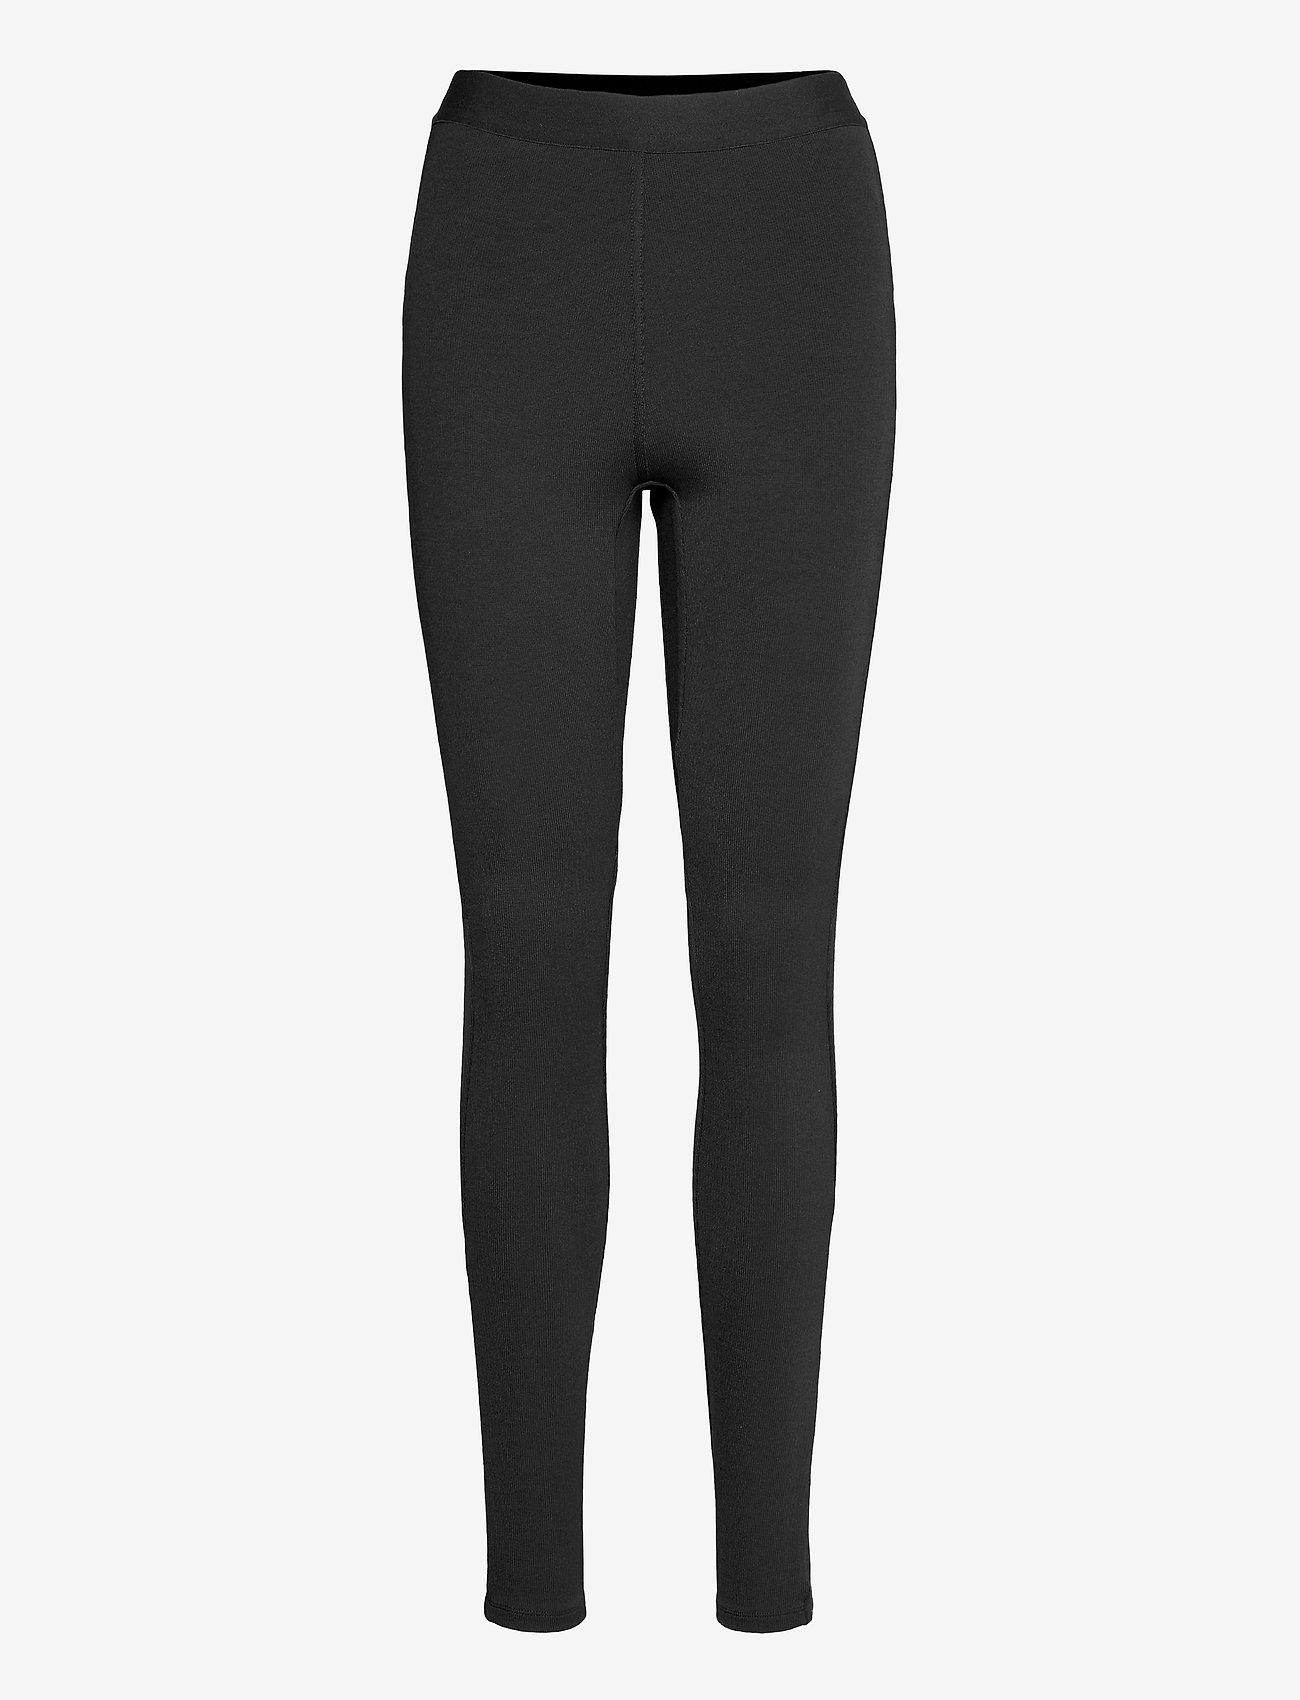 3.1 Phillip Lim - NOVELTY JERSEY LEGGINGS - leggings - black - 0